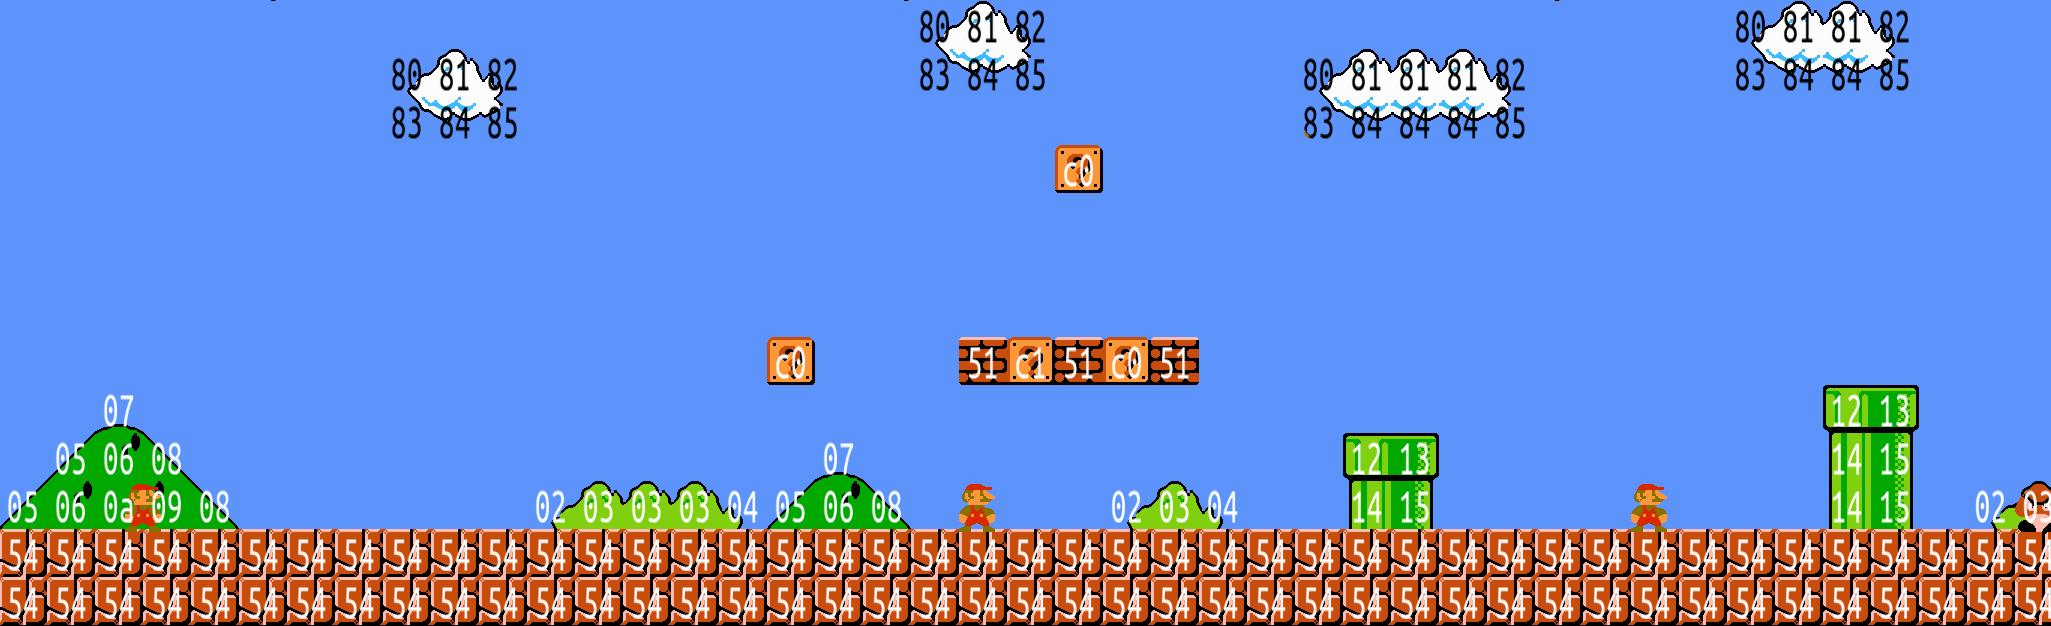 Извлекаем уровни из Super Mario Bros с помощью Python - 4